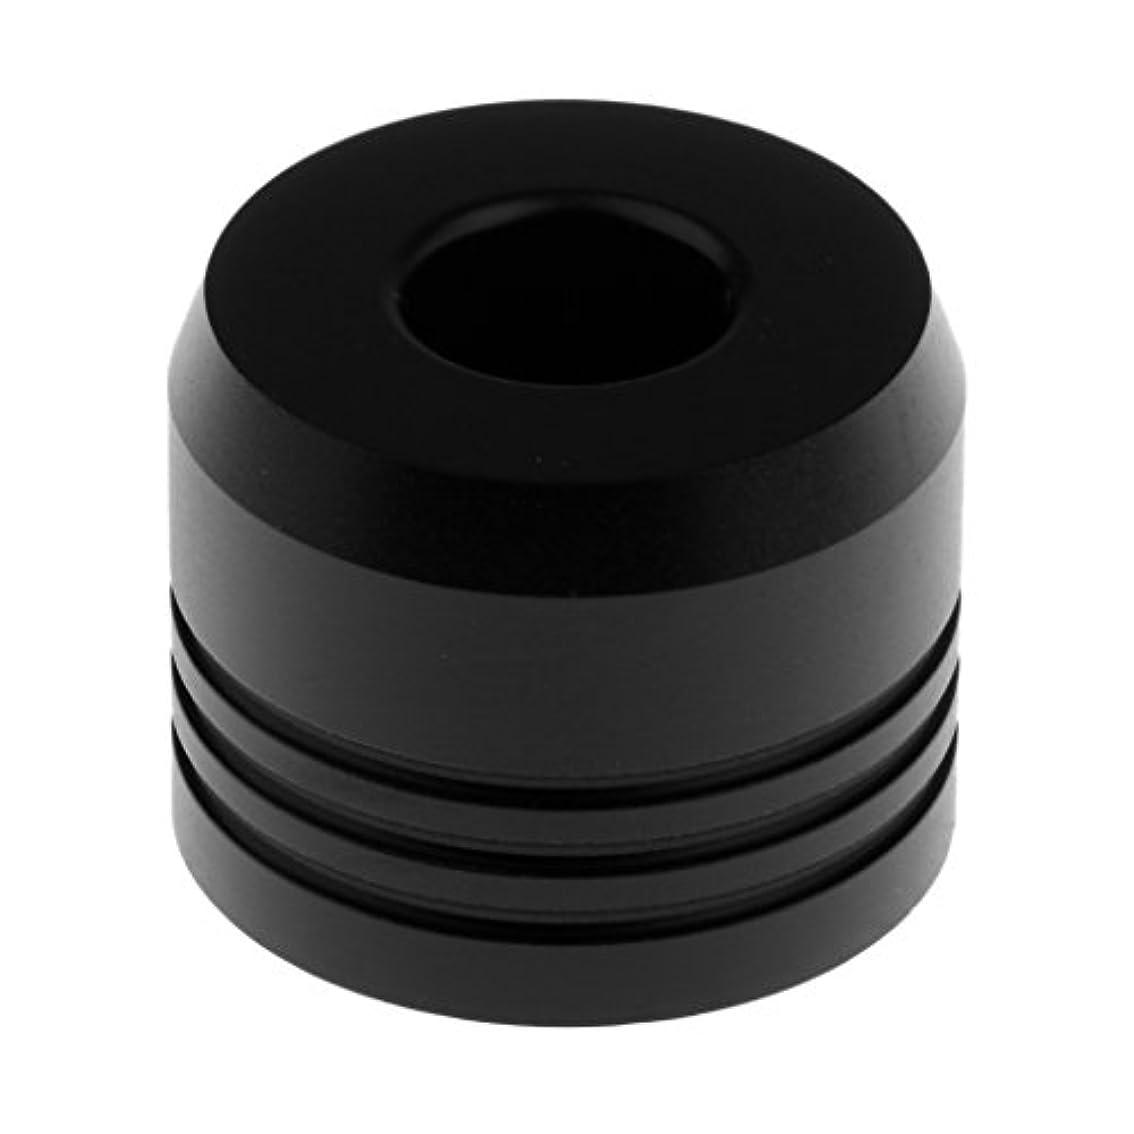 インタフェース担保逆説カミソリスタンド スタンド メンズ シェービング カミソリホルダー サポート 調節可 ベース 2色選べ - ブラック